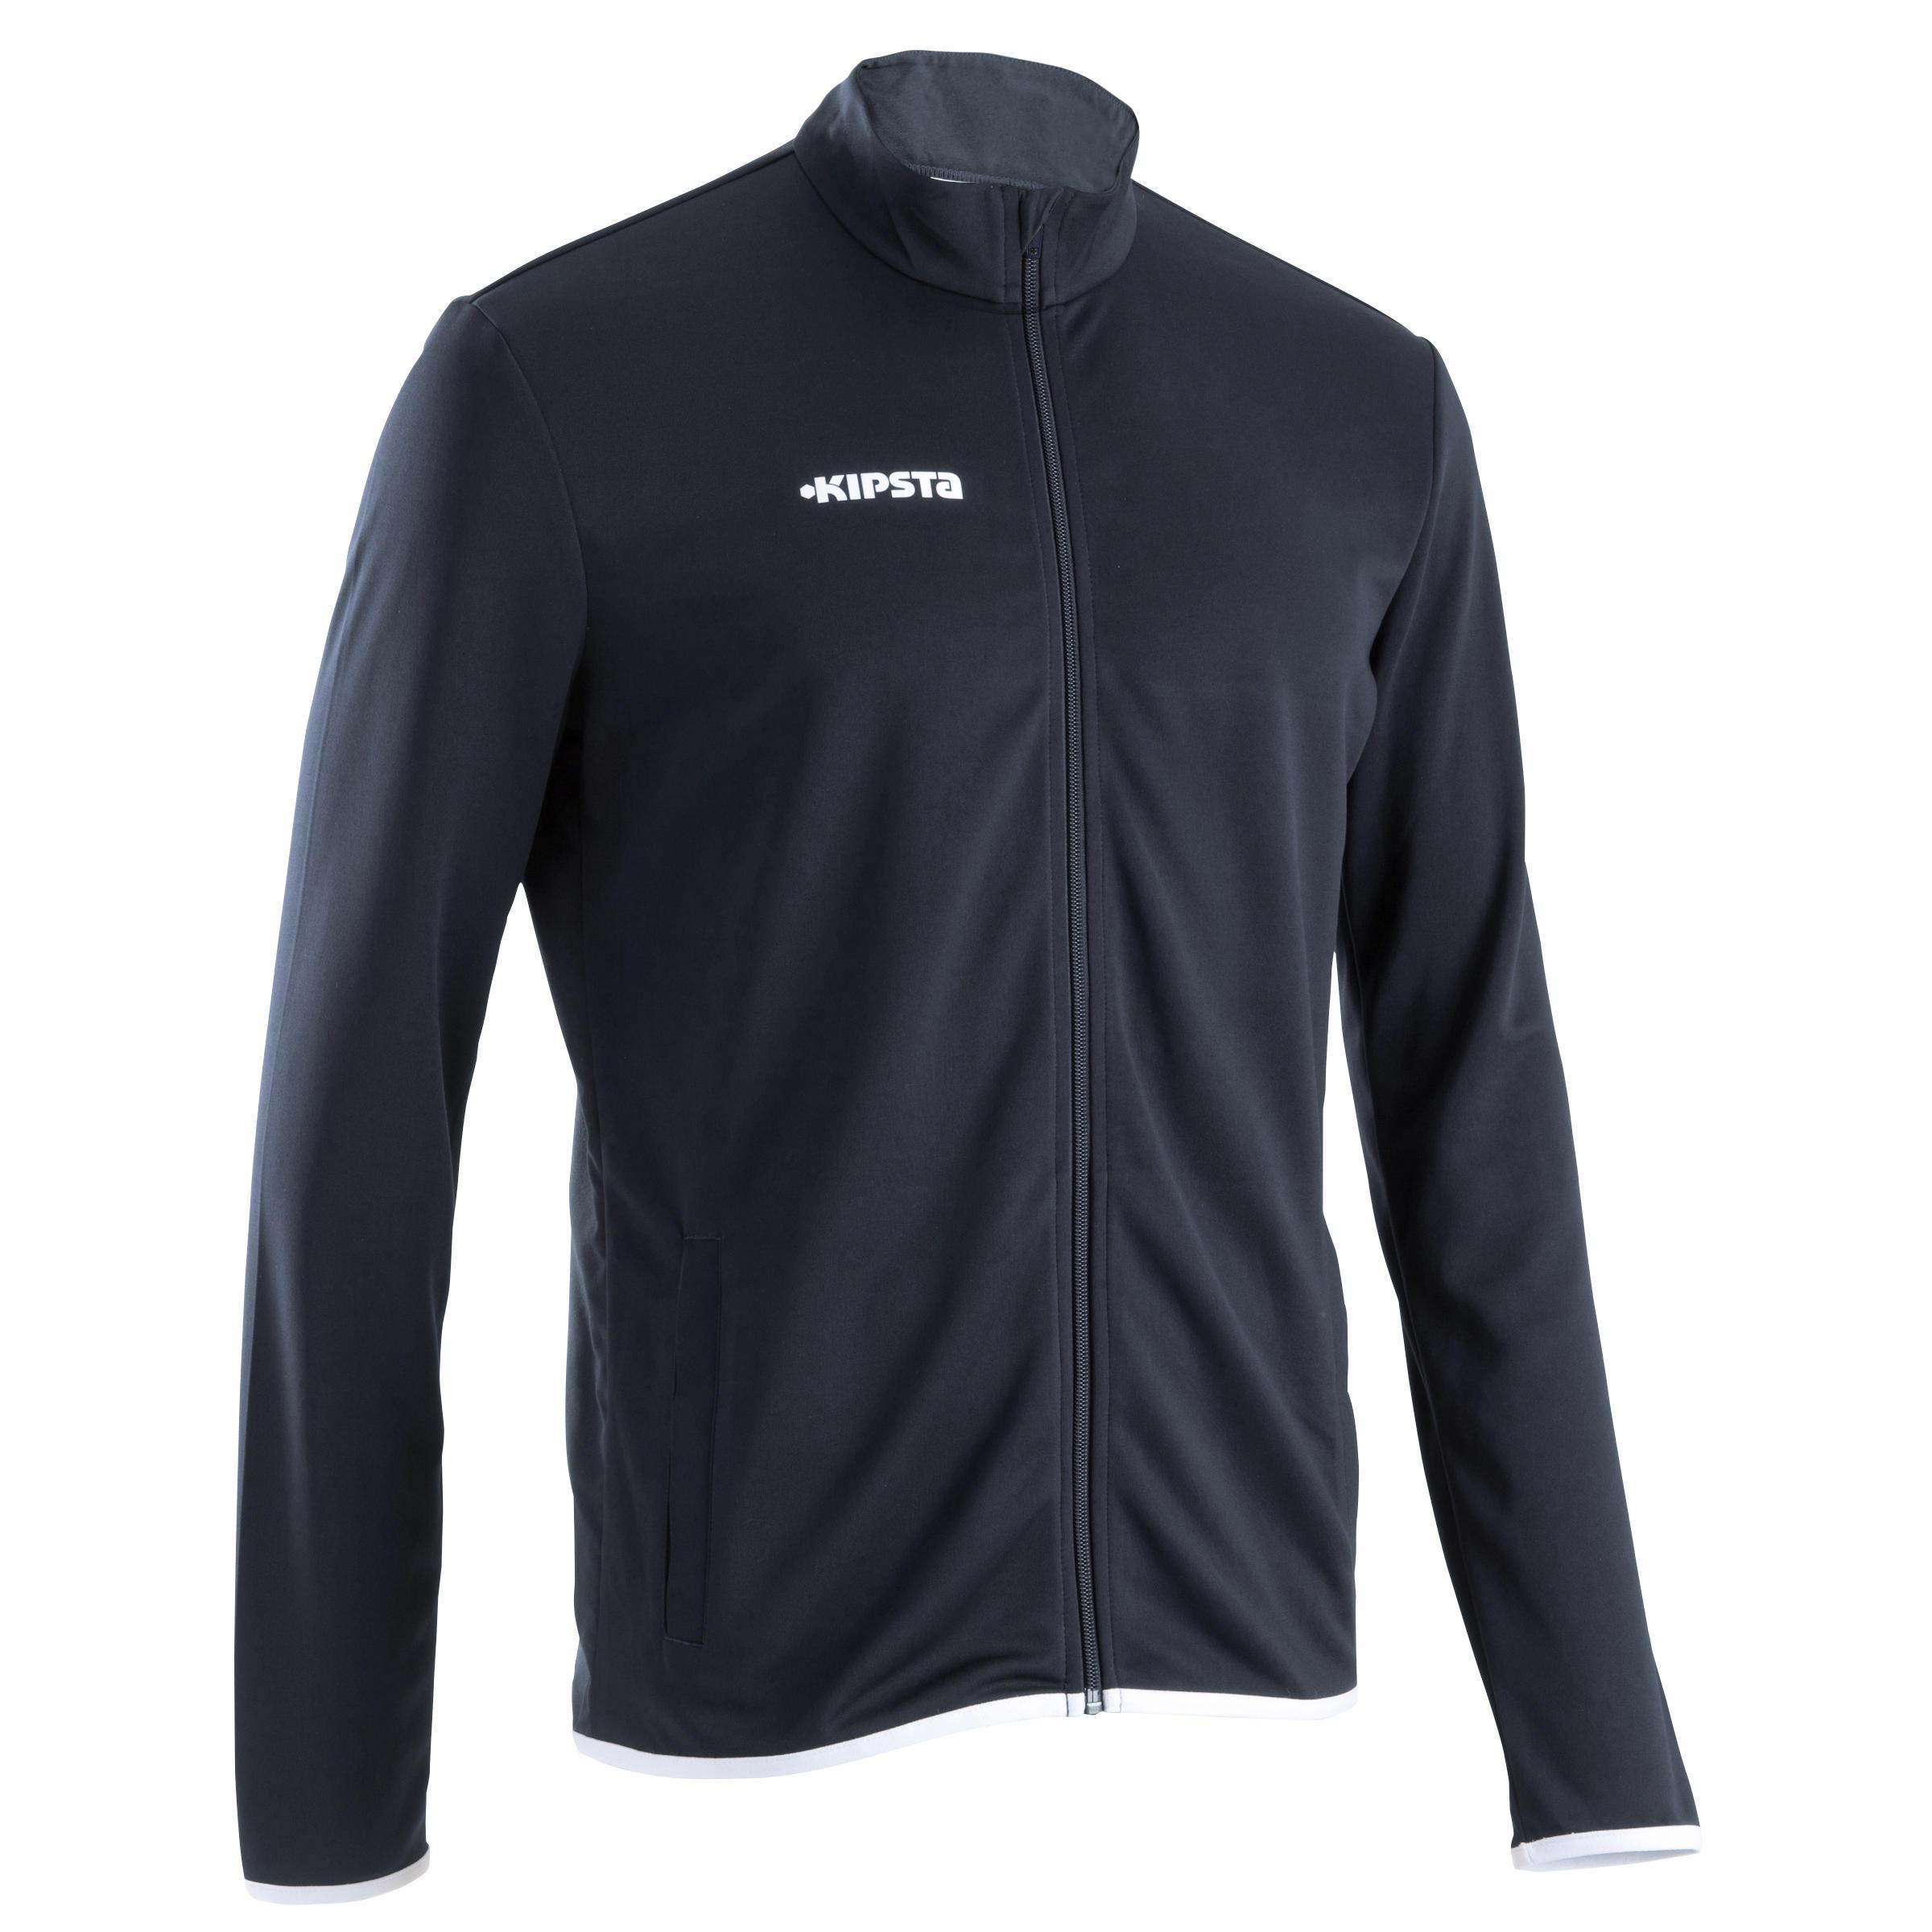 T100 Adult Soccer Jacket - Black/Blue